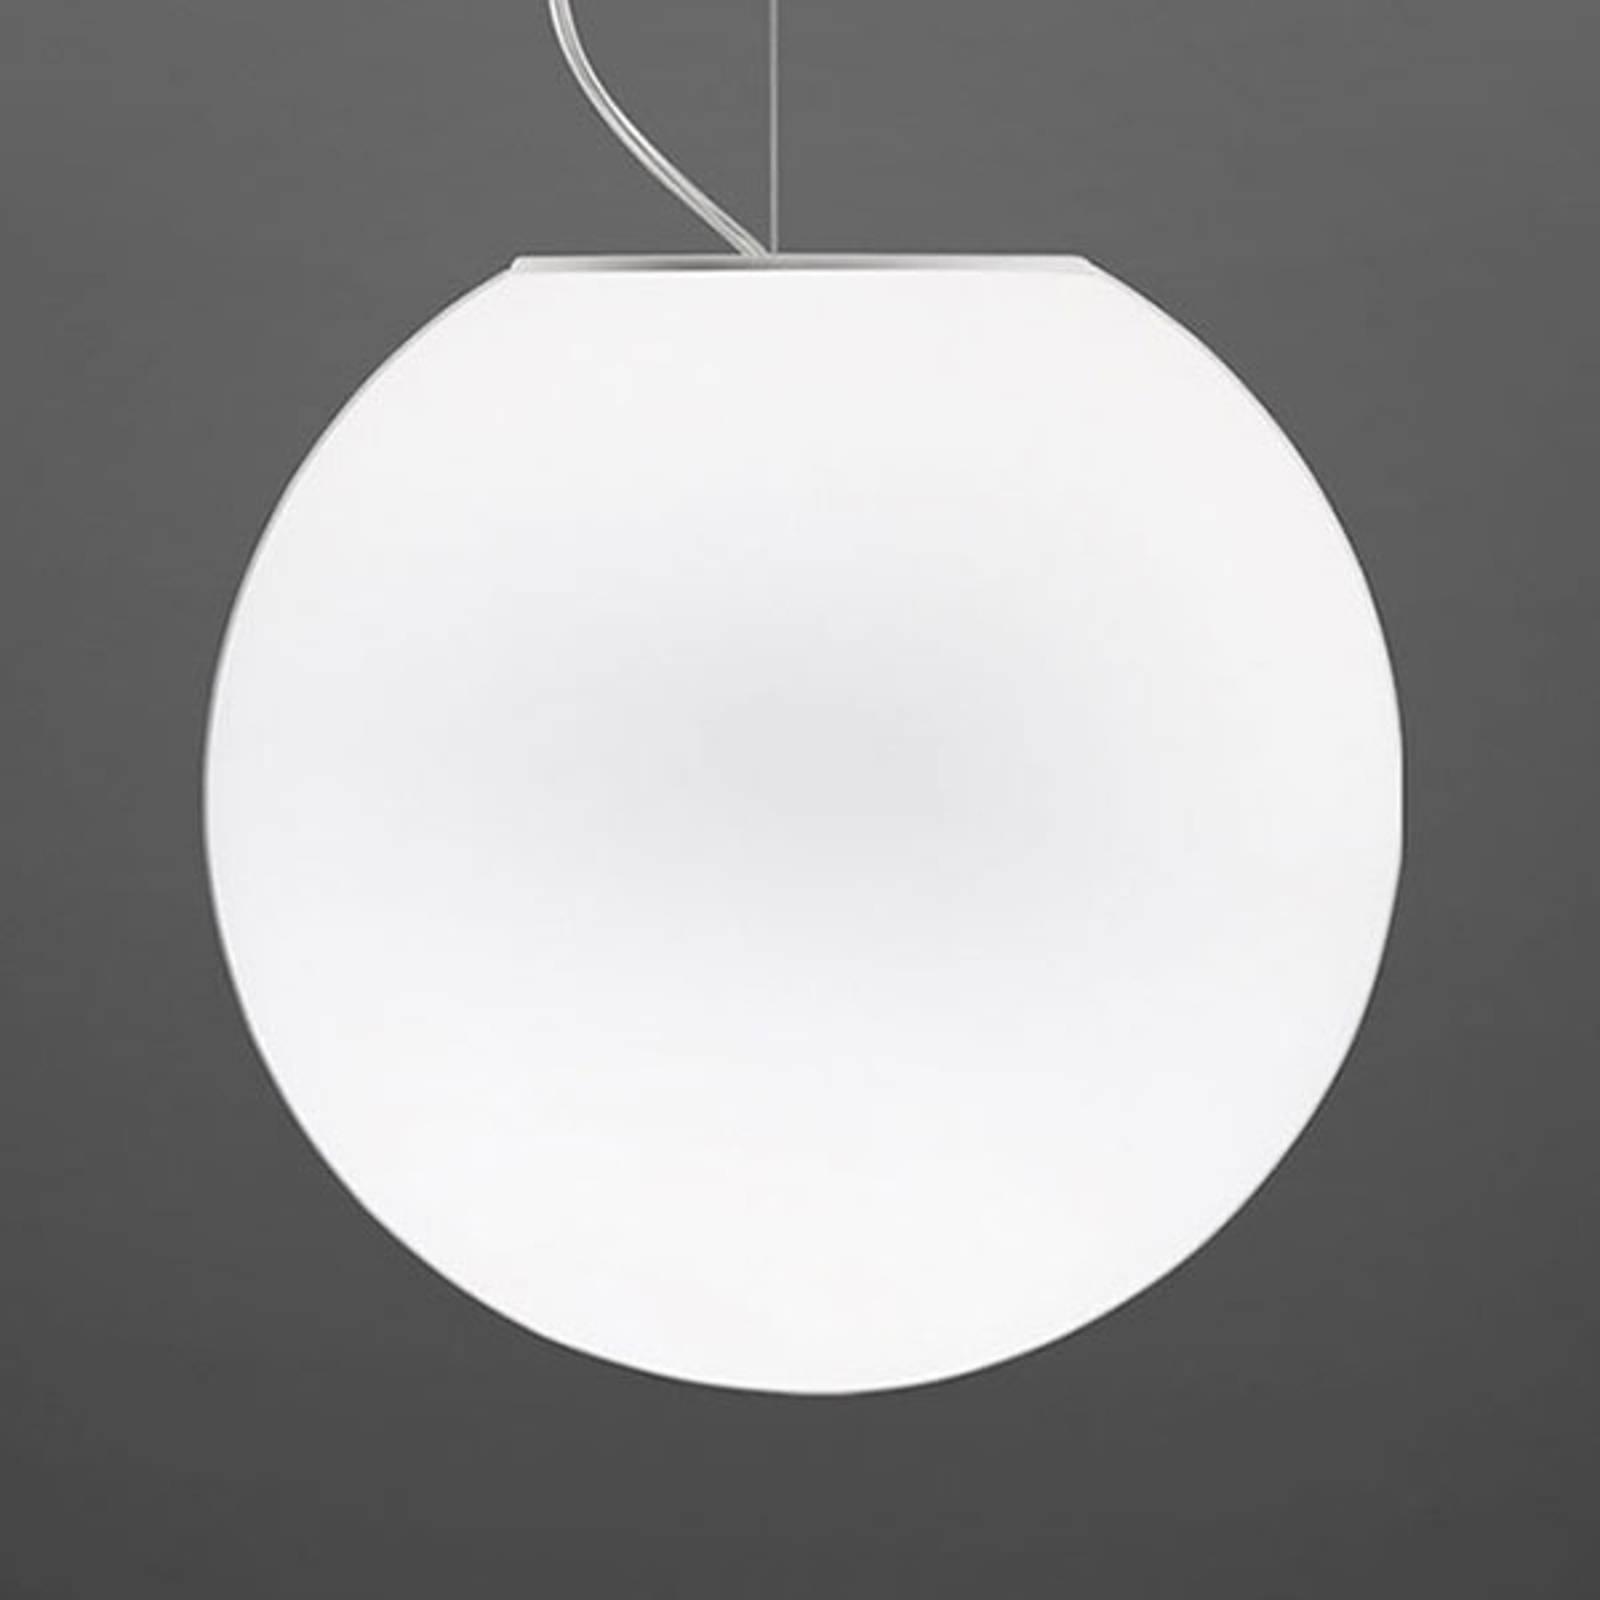 Fabbian Fabbian Lumi Sfera sklenená závesná lampa, Ø 40cm